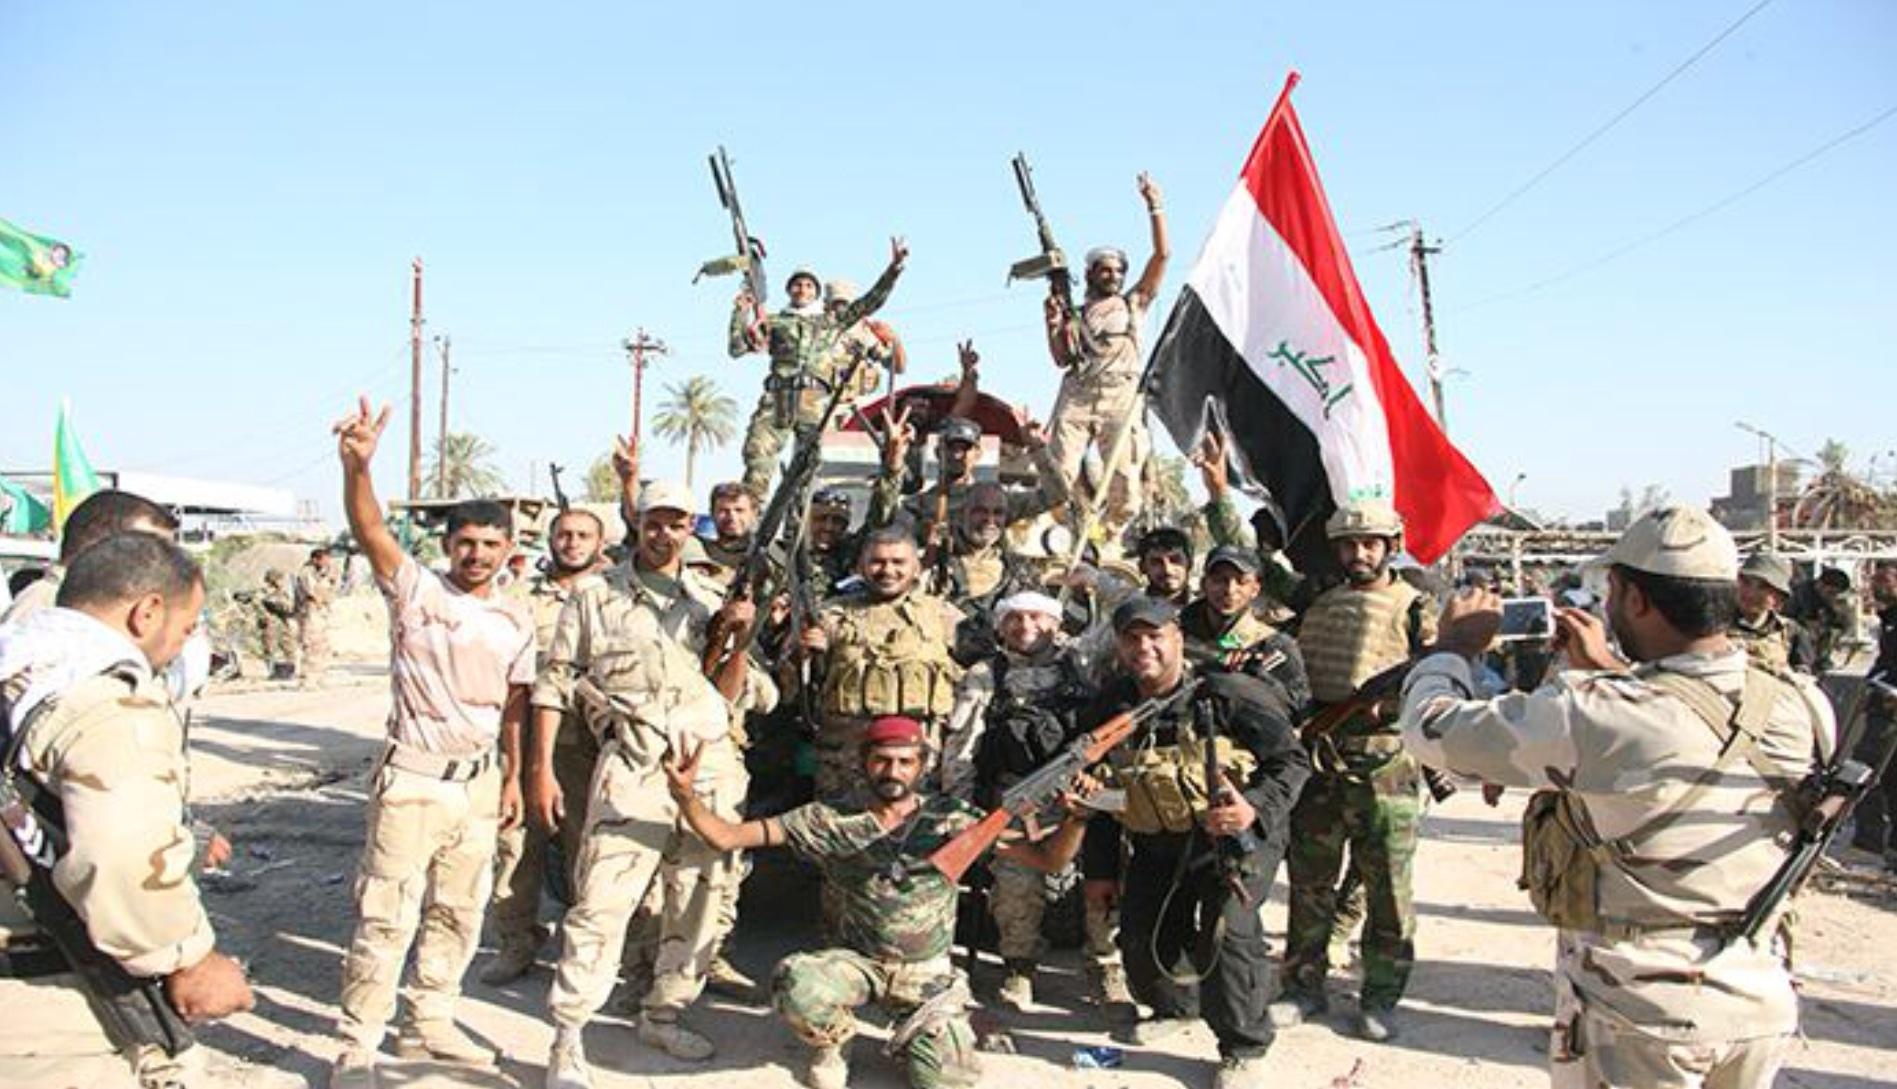 نیروهای الحشد الشعبی در نزدیکی مرز عربستان مستقر میشوند